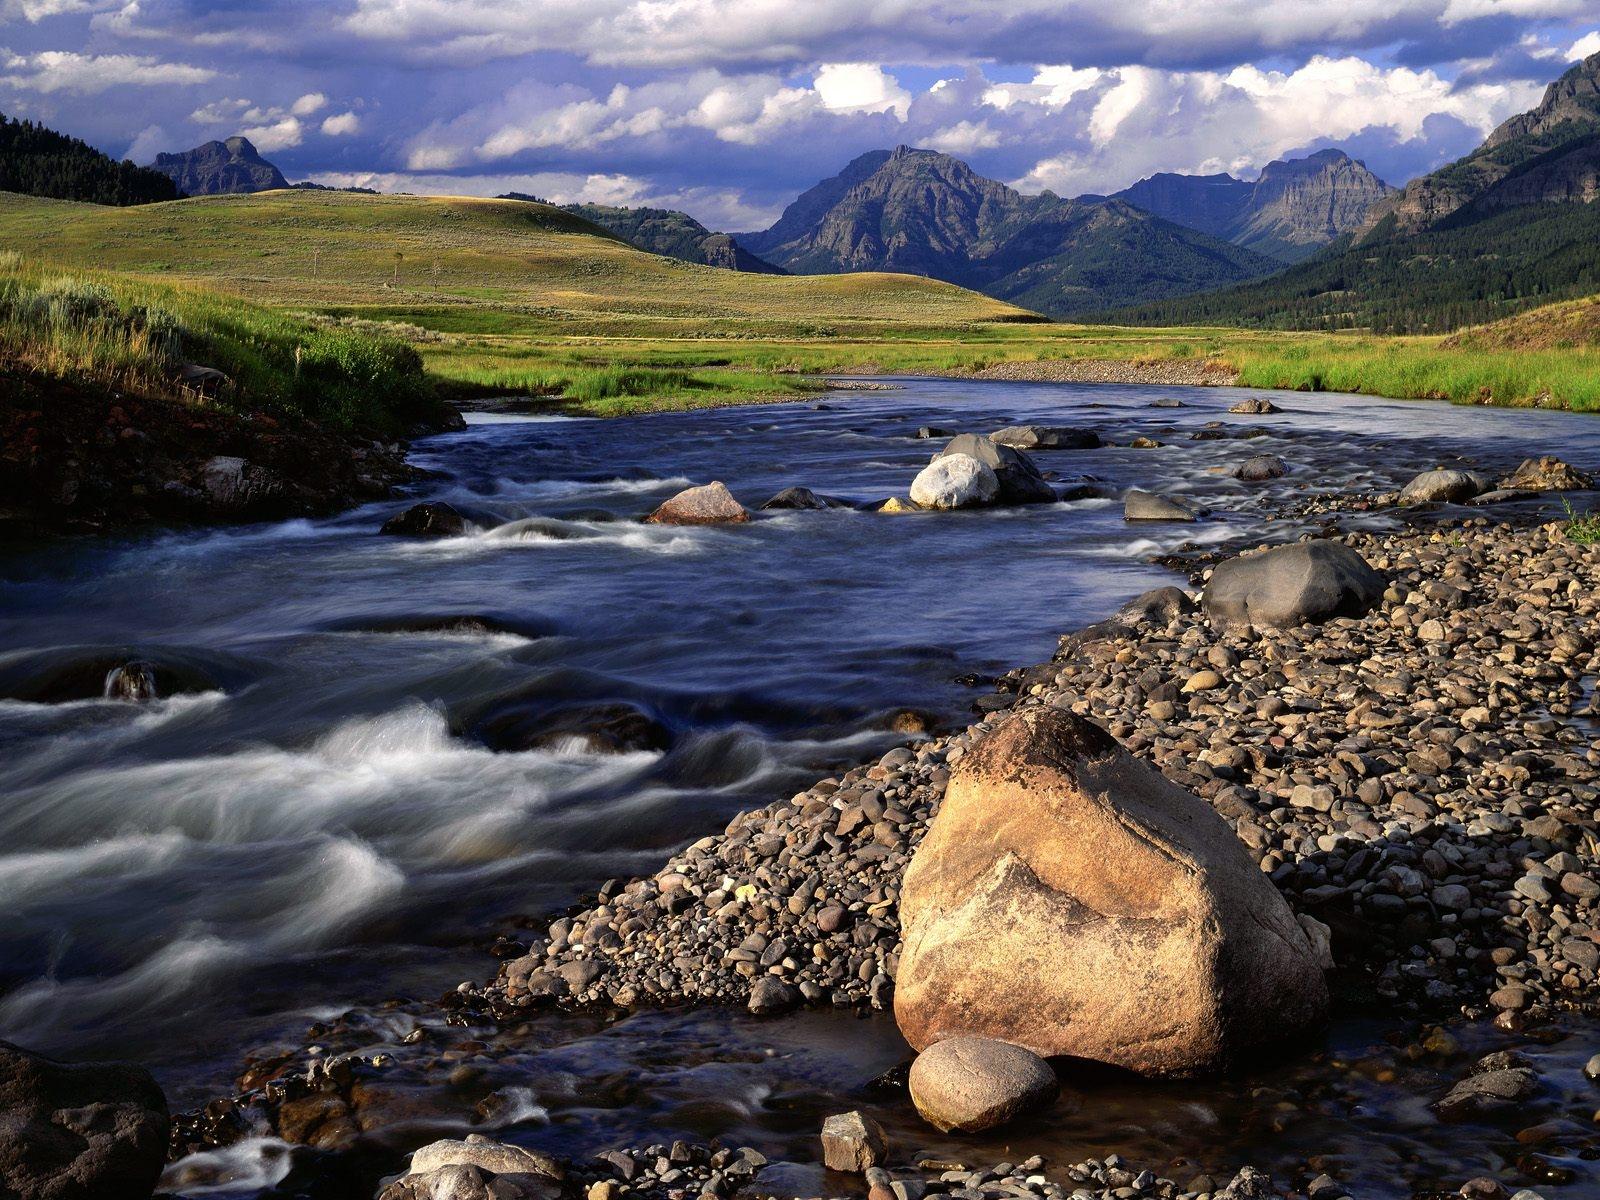 исток реки картинки оби изменение